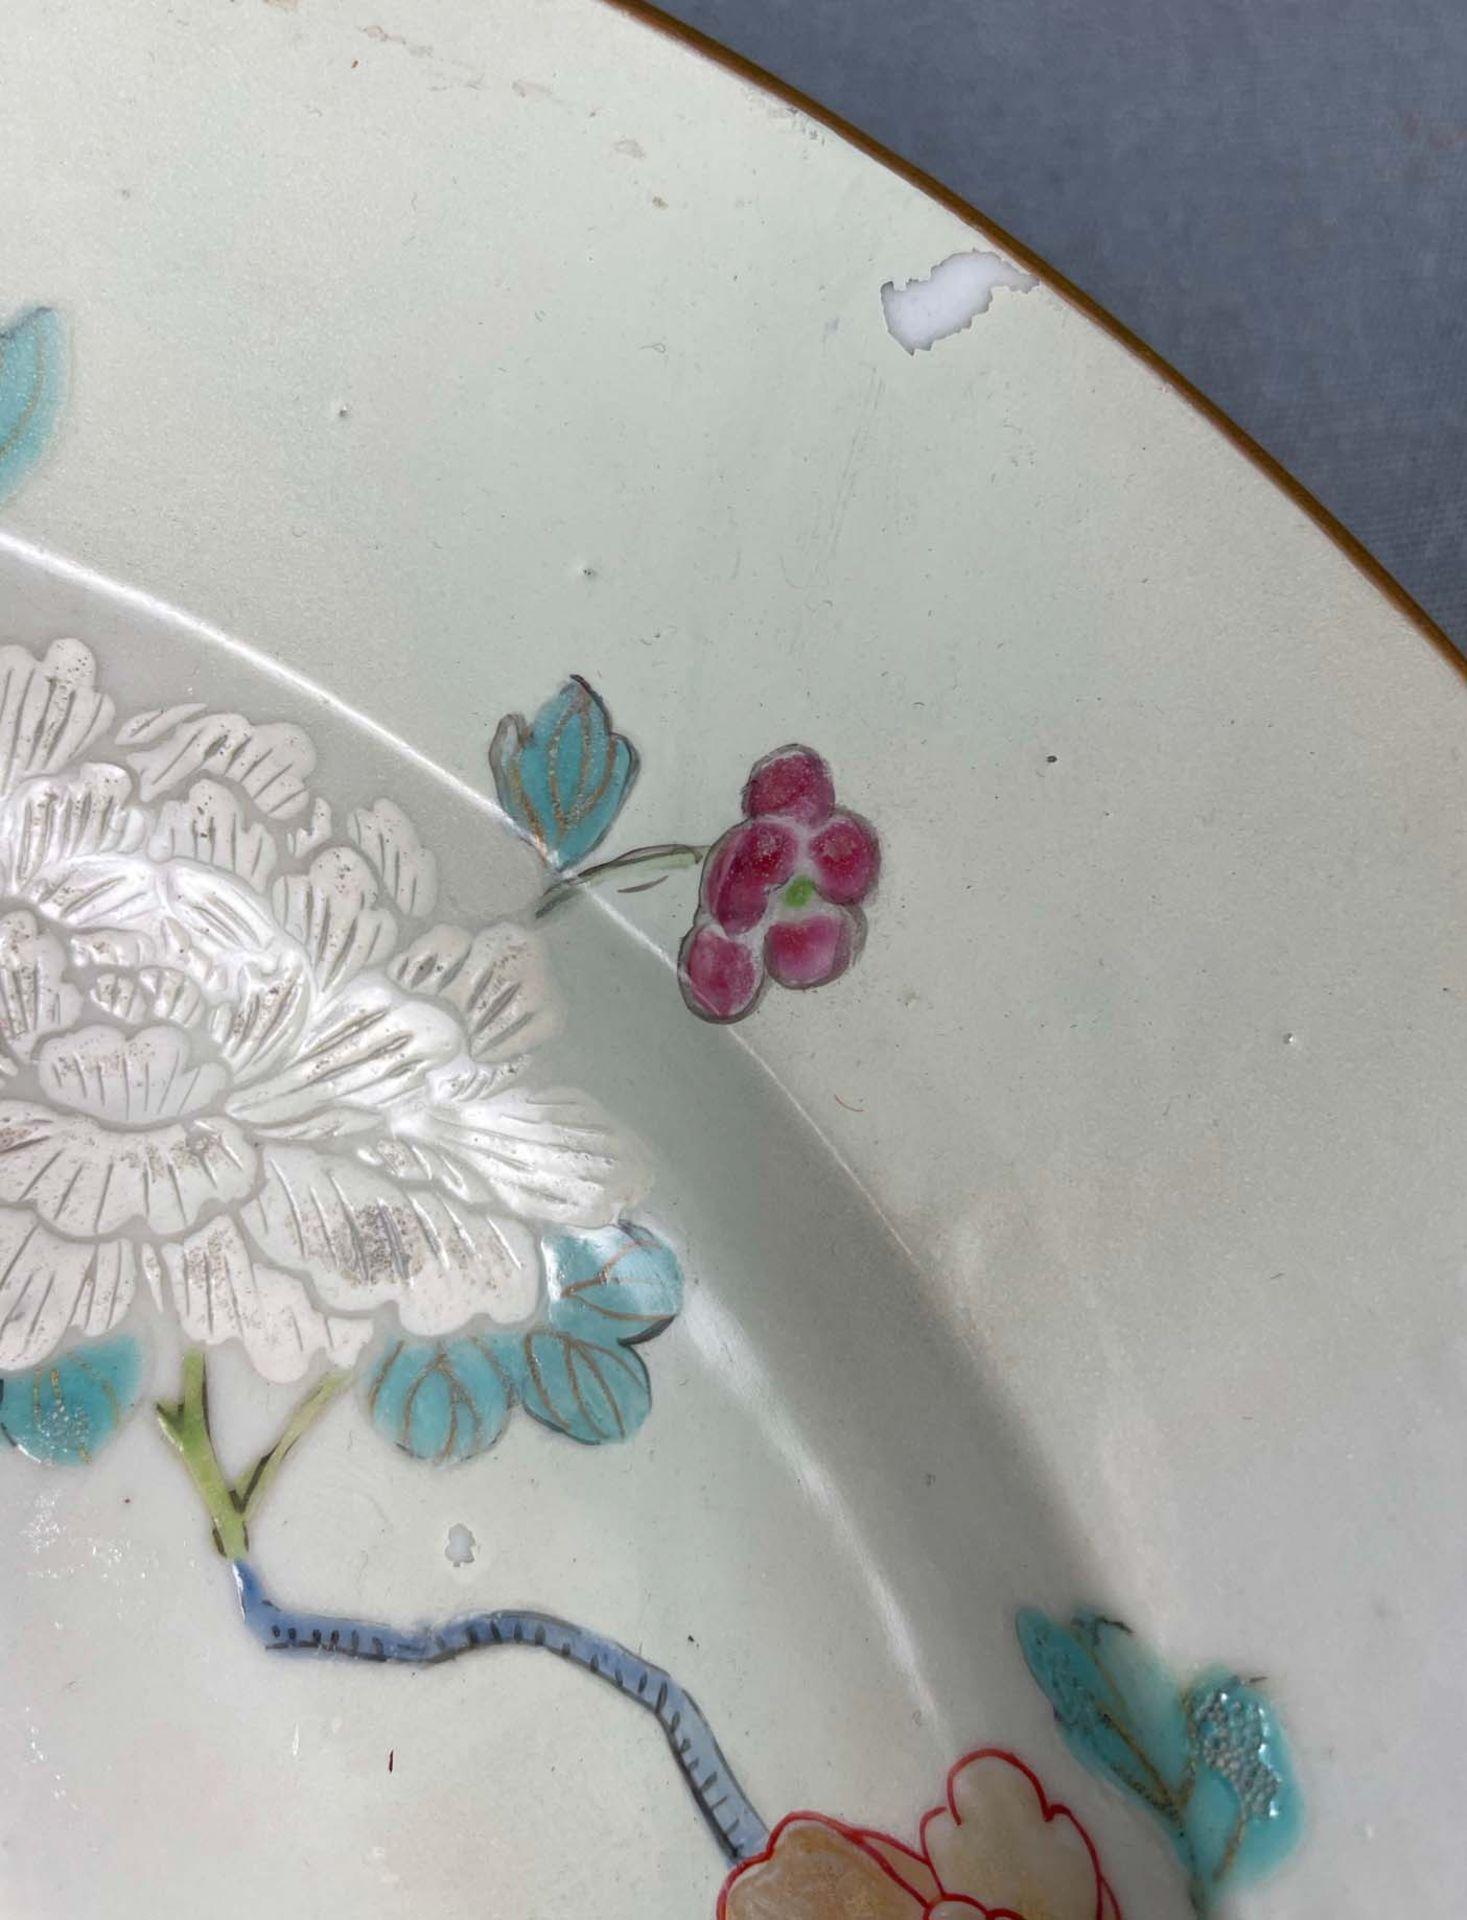 2 Platten. Porzellan. Wohl China antik. - Image 15 of 16